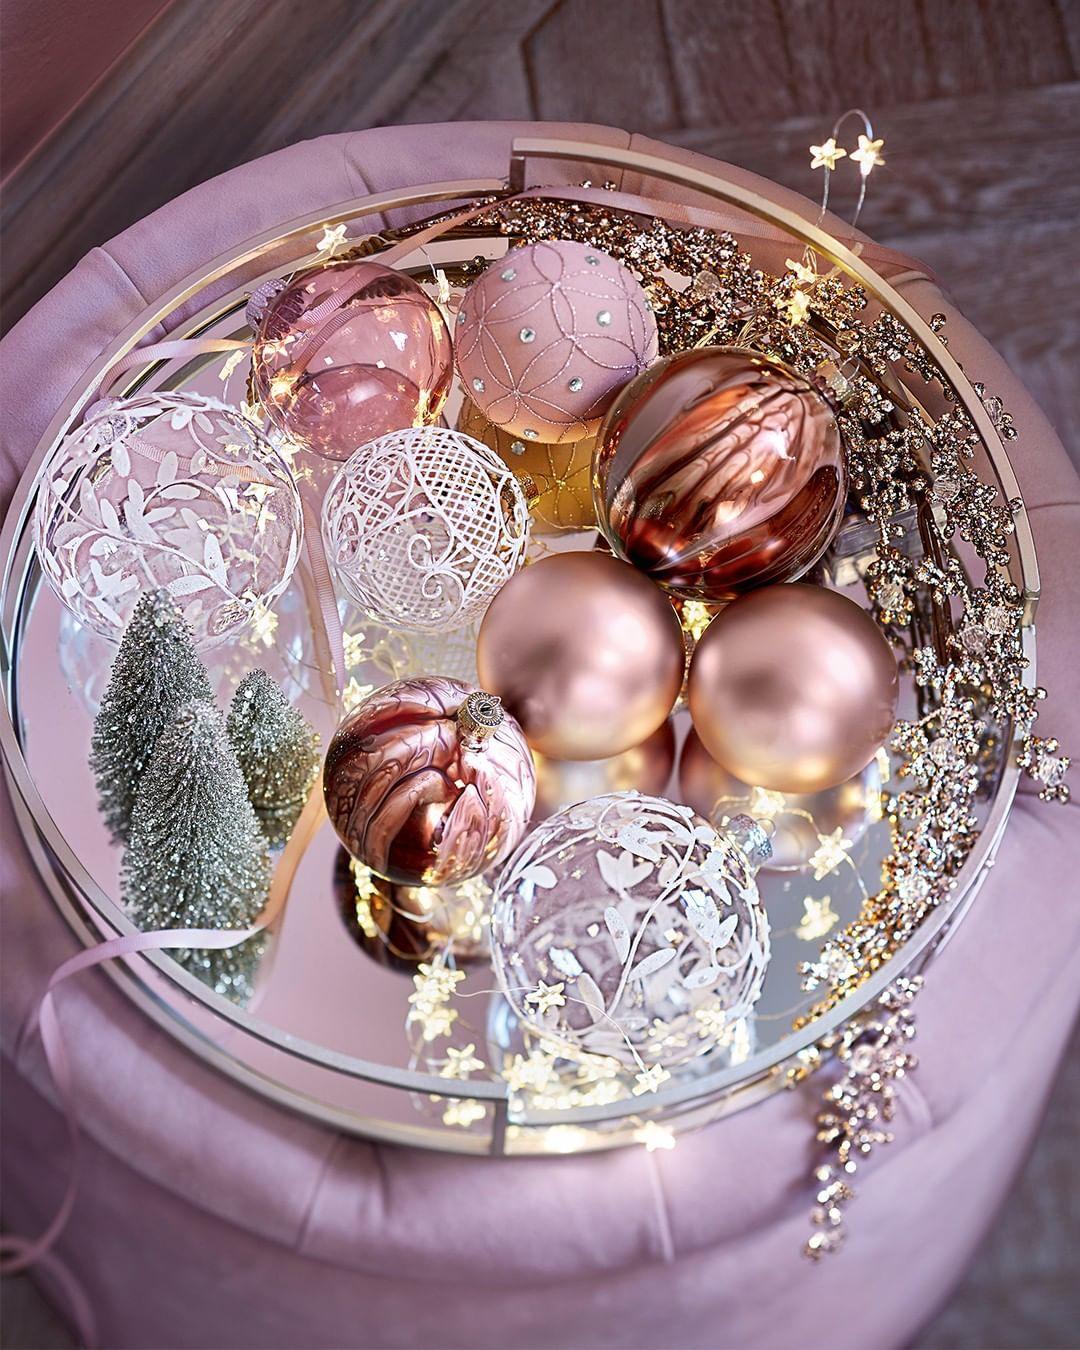 Pin Von Cherry89 Auf Life In 2020 Weihnachtsdeko Personalisierte Weihnachtskugeln Spiegeltablett